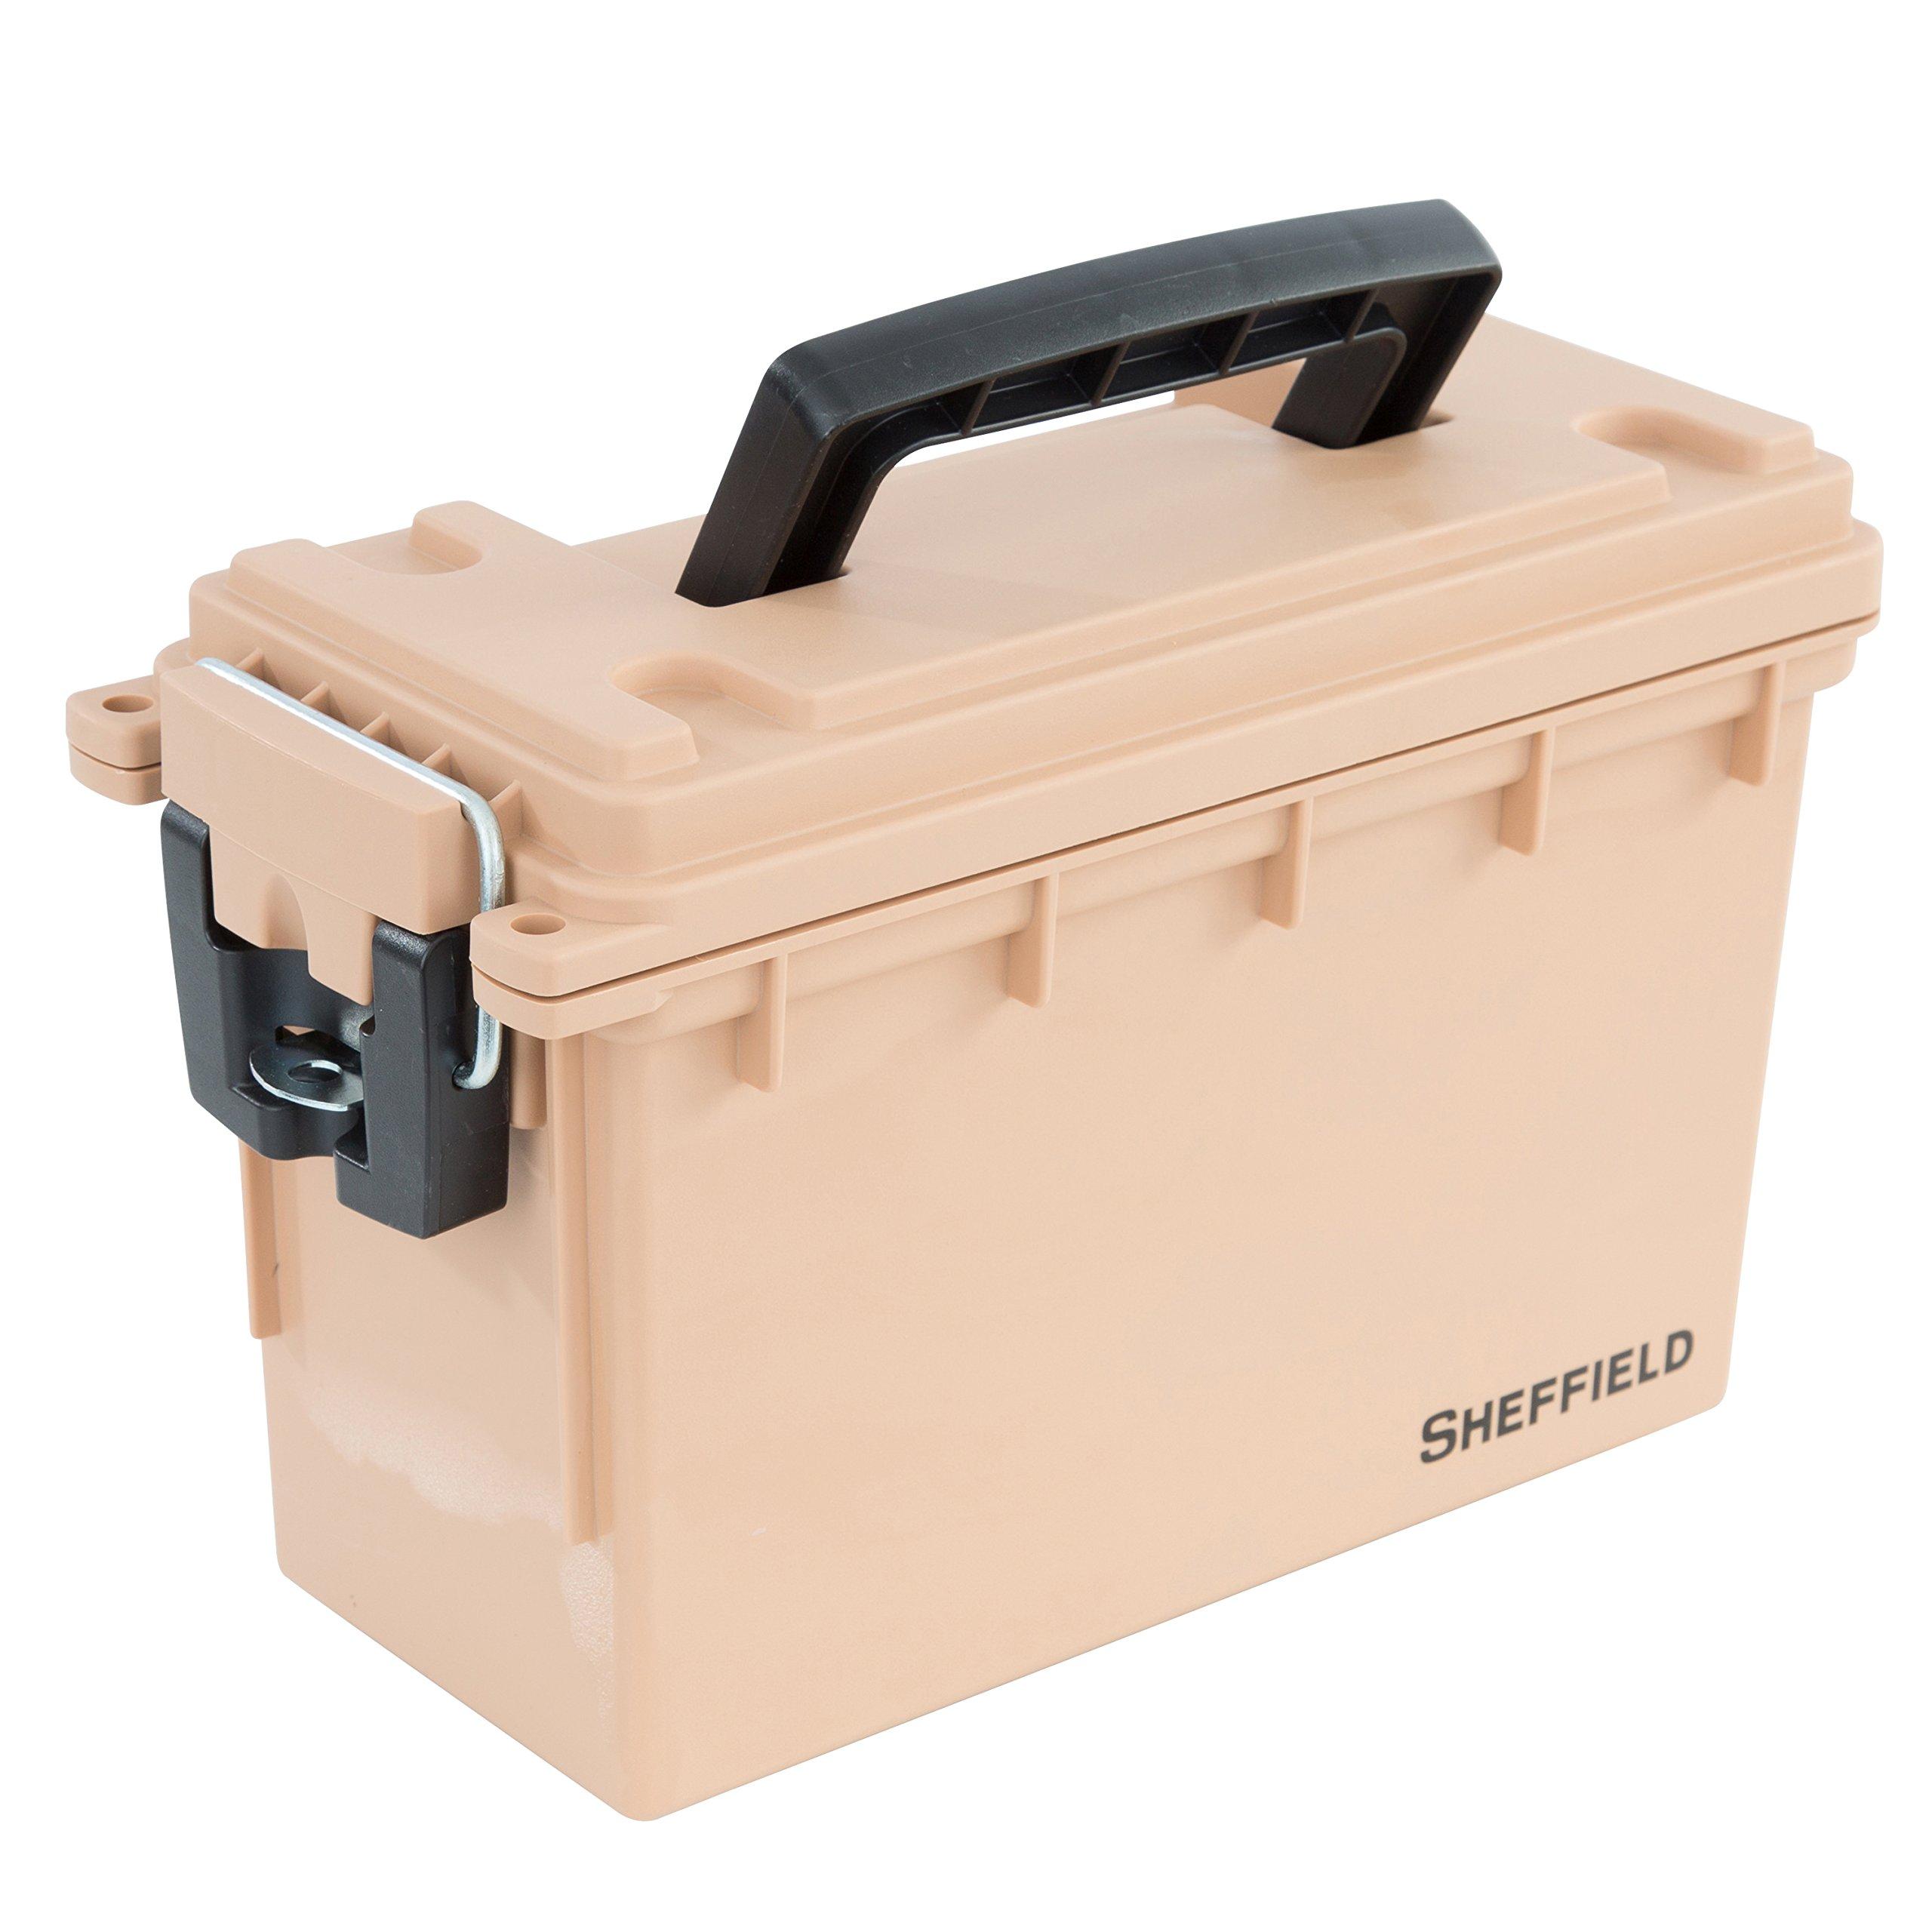 Sheffield 12627 Field Box- Tan, Made in The U.S.A.